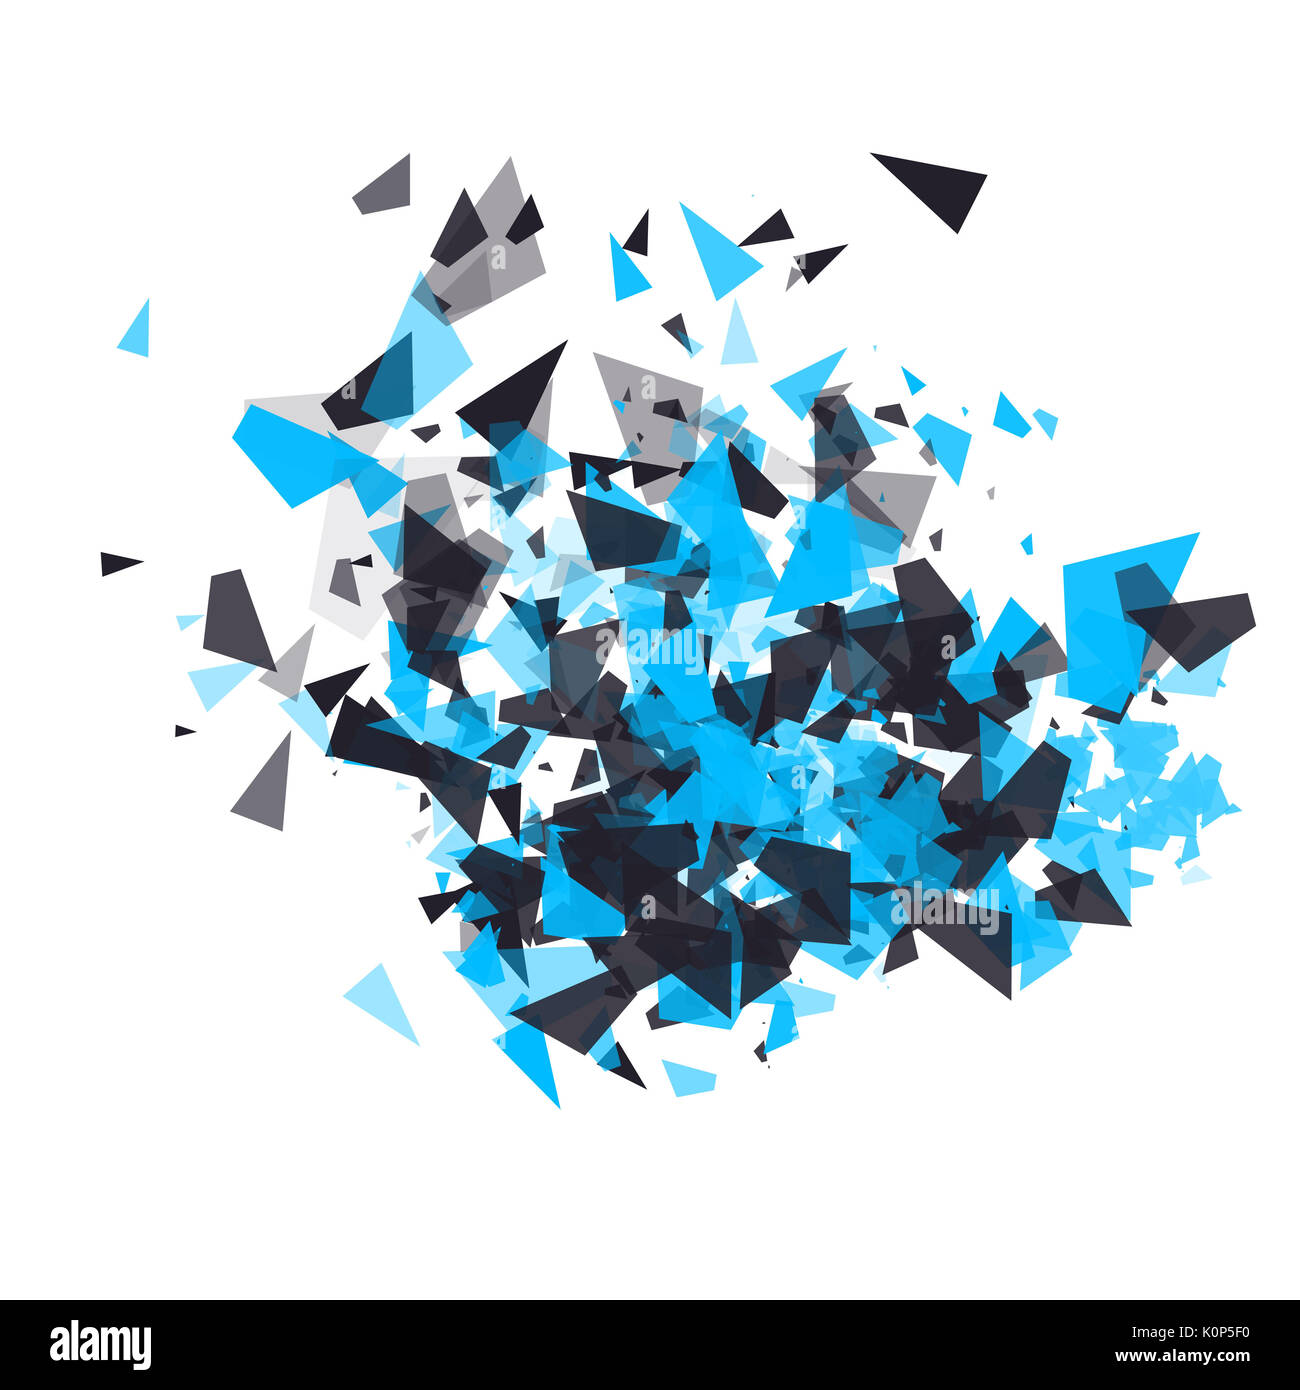 Shatter design Element. Die Wolke der Explosion der Teilchen. Urlaub, Party, Plakat, Einladung Geburtstag Konzept. Geometrische modernen abstrakten Hintergrund für Banner, Postkarten, Präsentationen. Stockbild